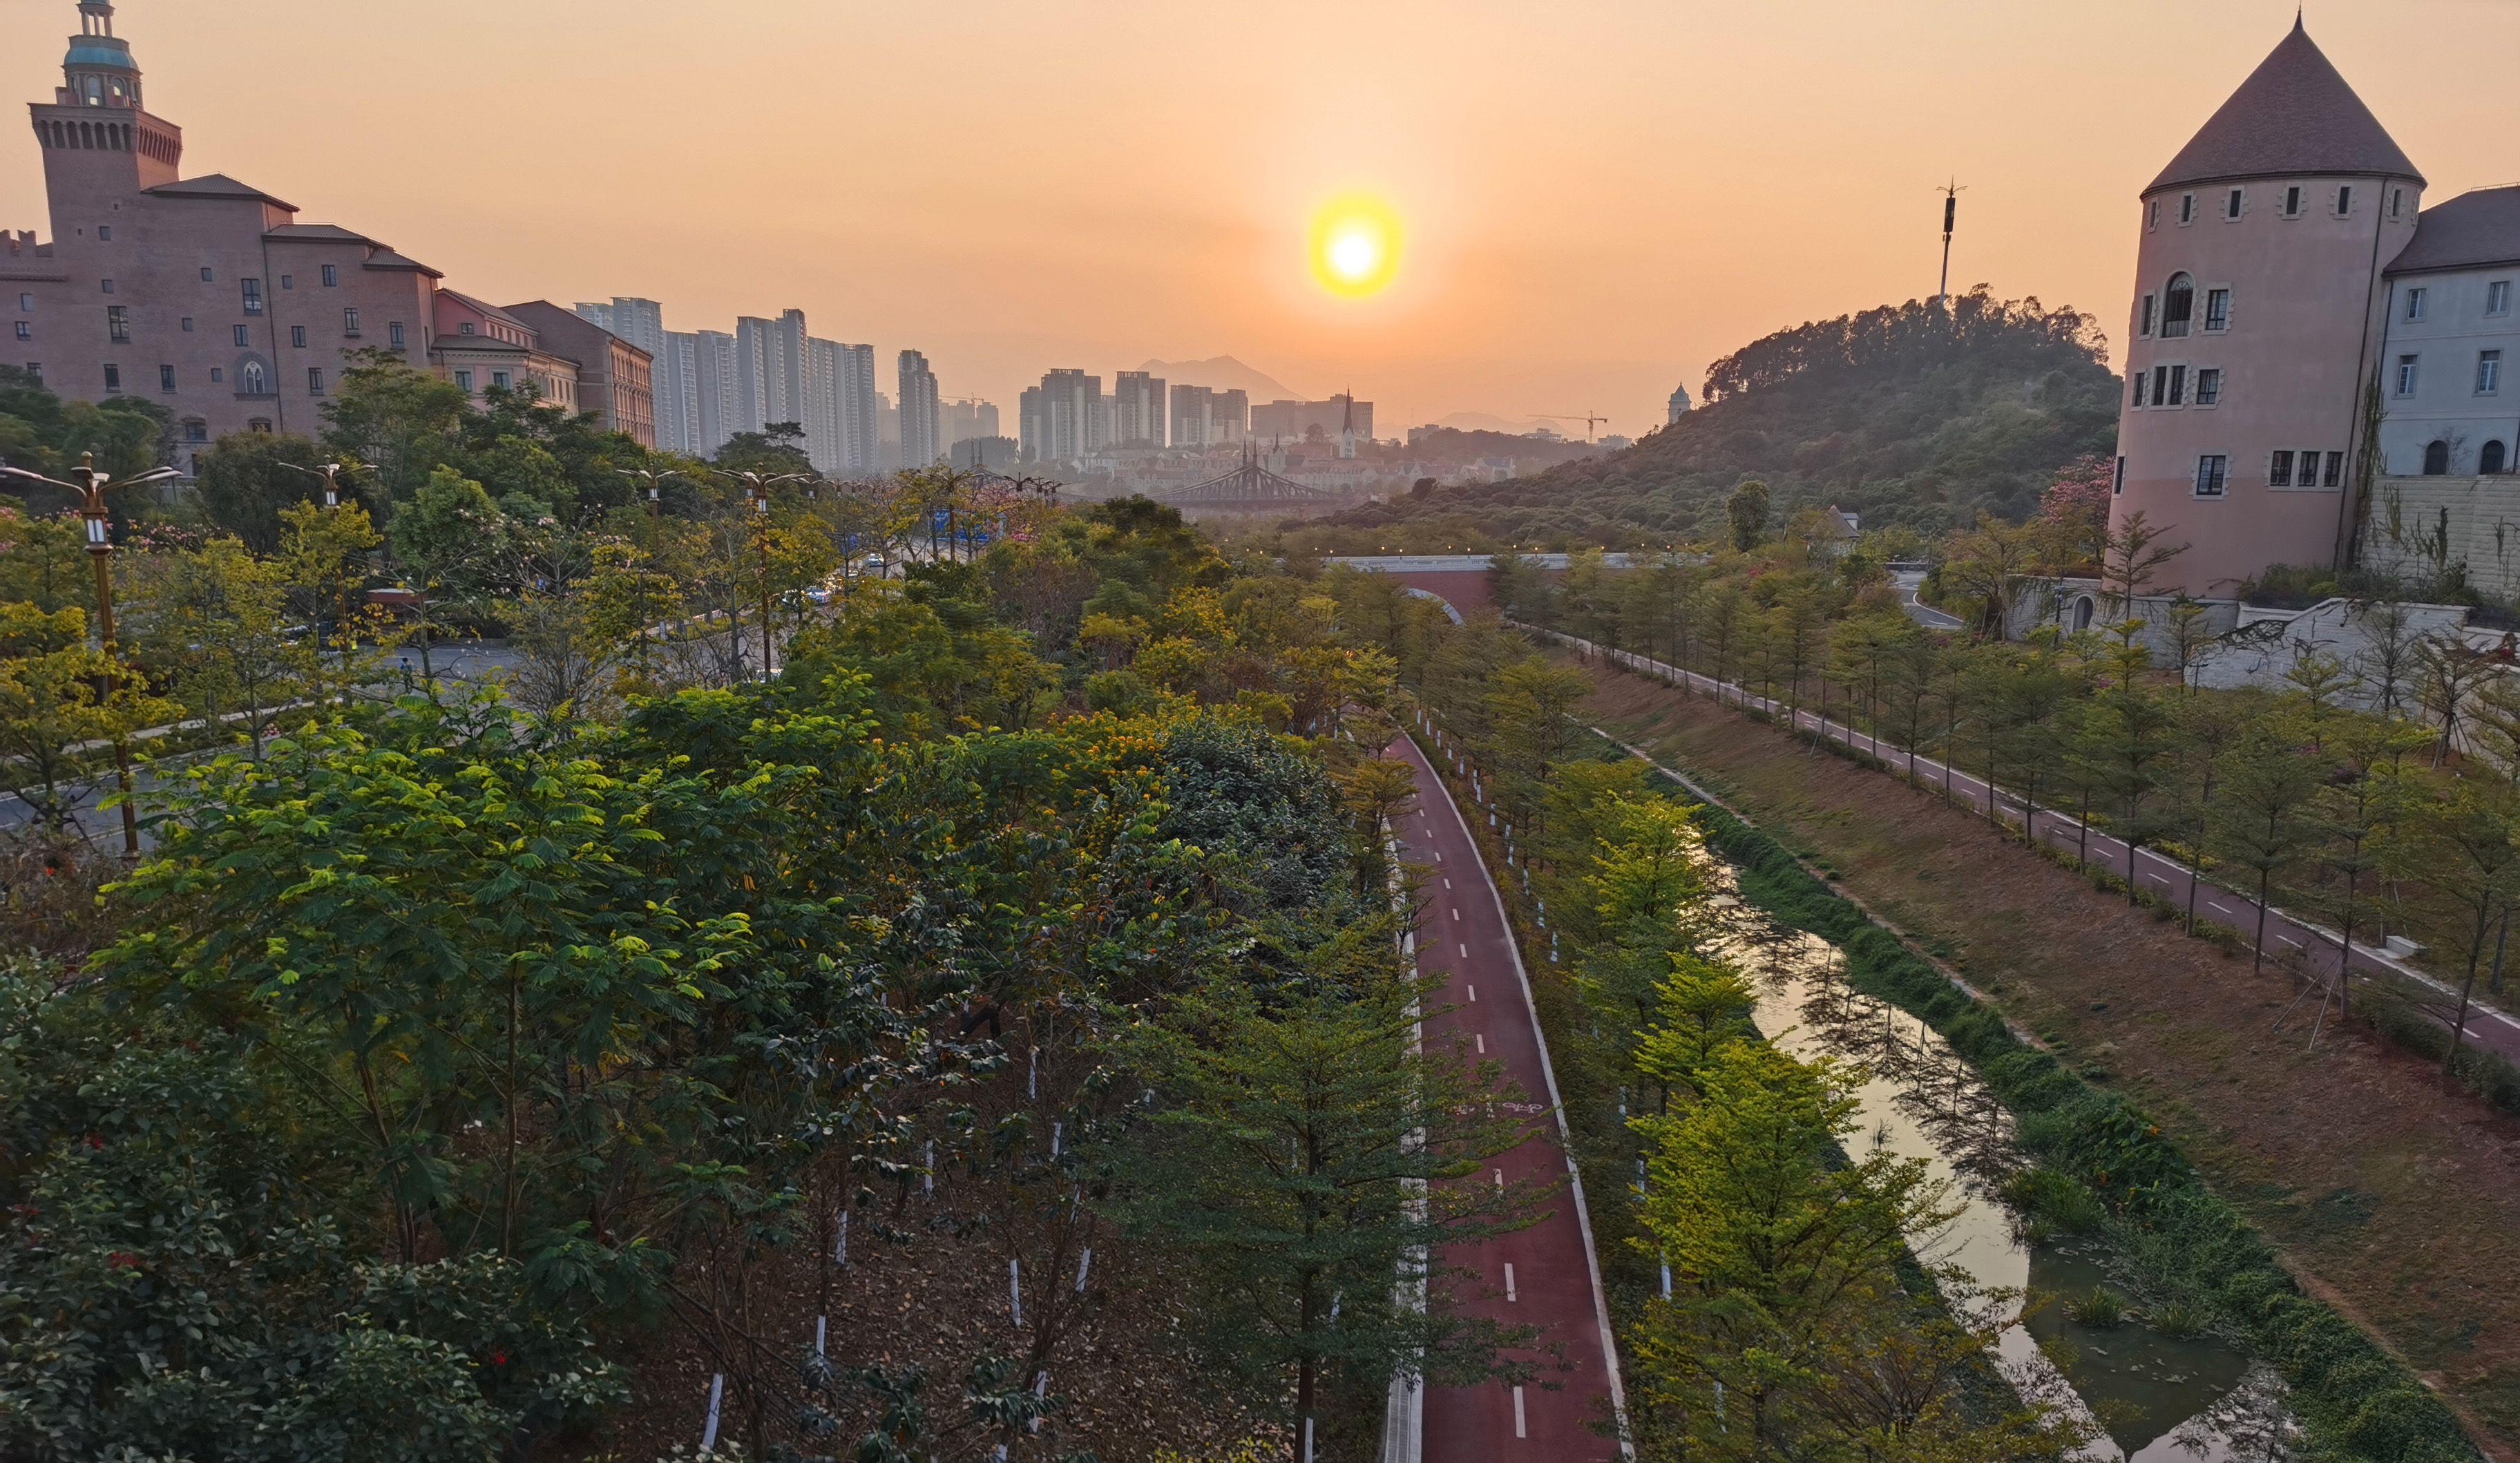 Alt du ser på dette bildet tilhører Huaweis nye hovedkvarter utenfor Shenzhen i Kina. Selv sammenliknet med giganter som Google og Apple i California er dette uhorvelig digert.